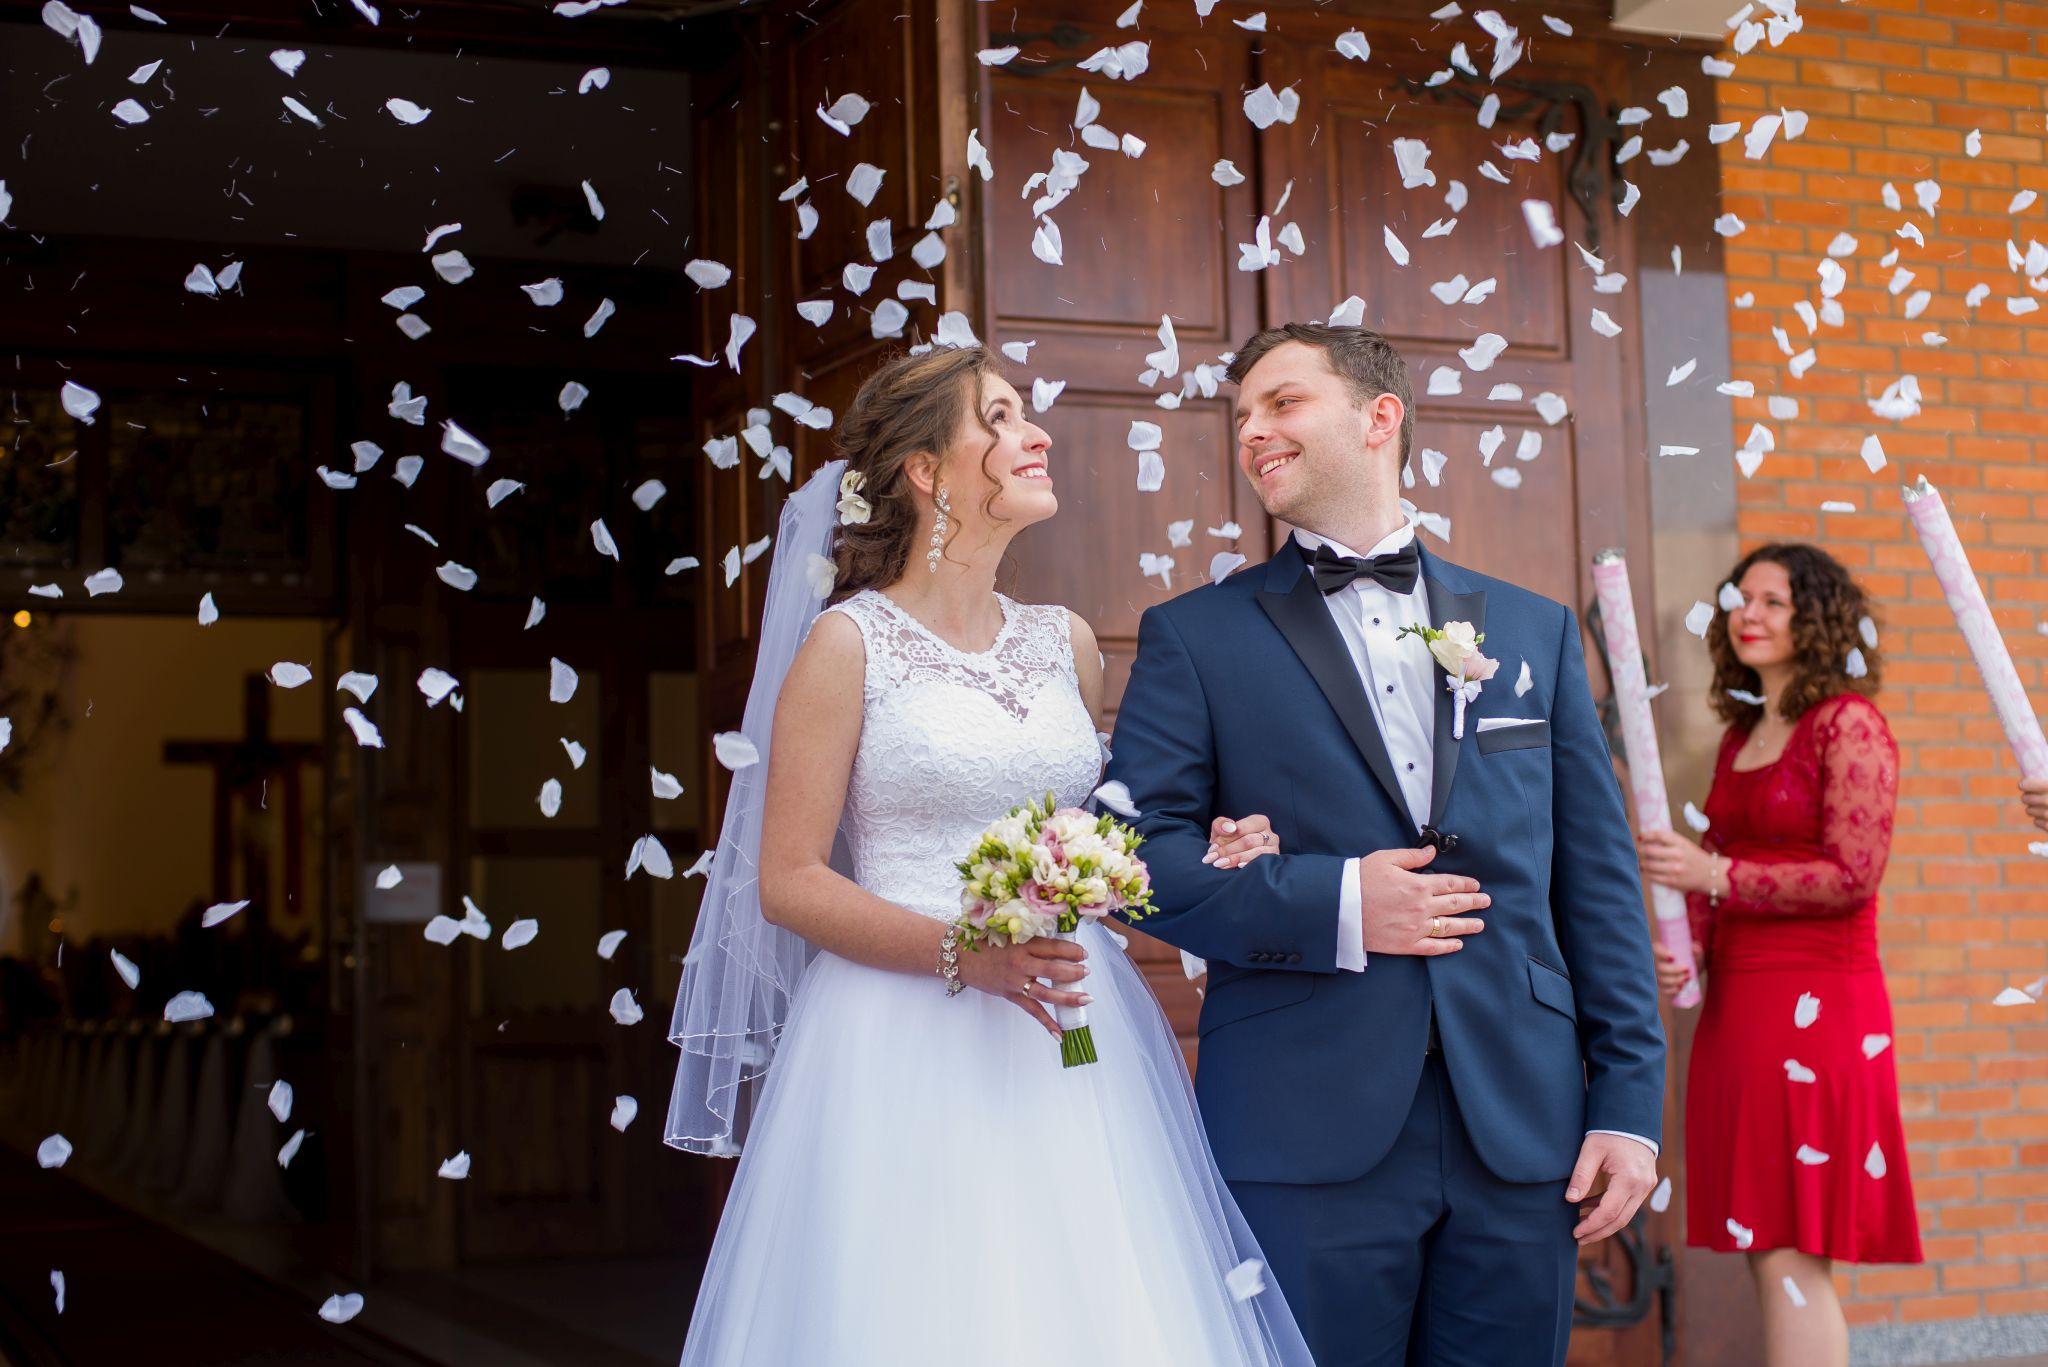 zdjęcia ślubne prze kościołem